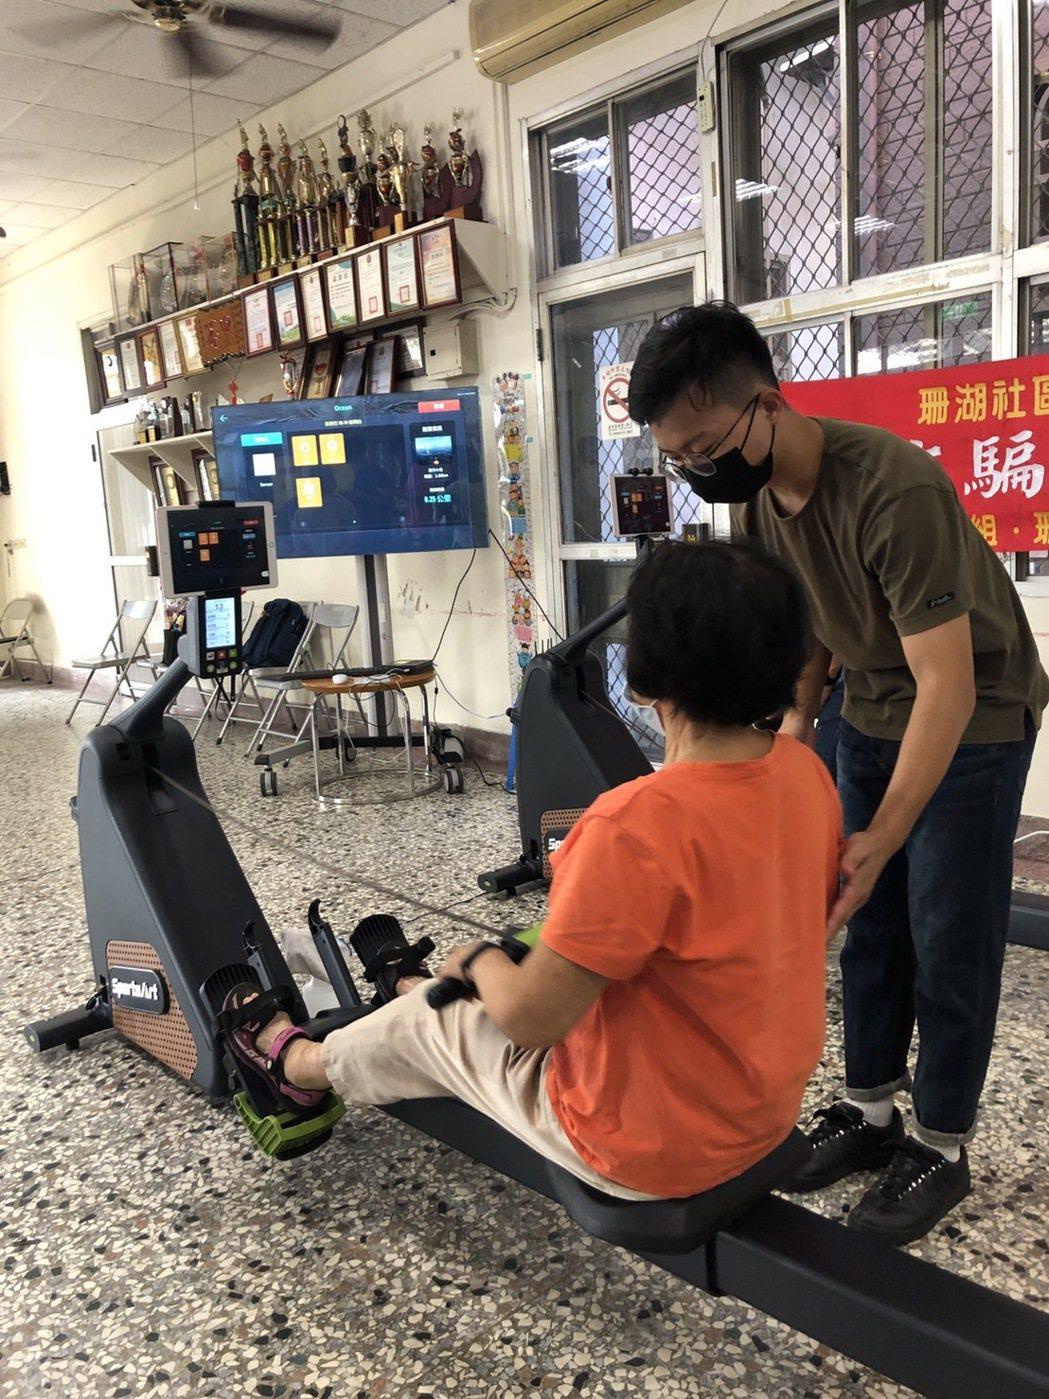 清華大學運動科學系表示,團隊以銀髮族為主要客群,選定宇康醫電提出的「智能科技訓練...